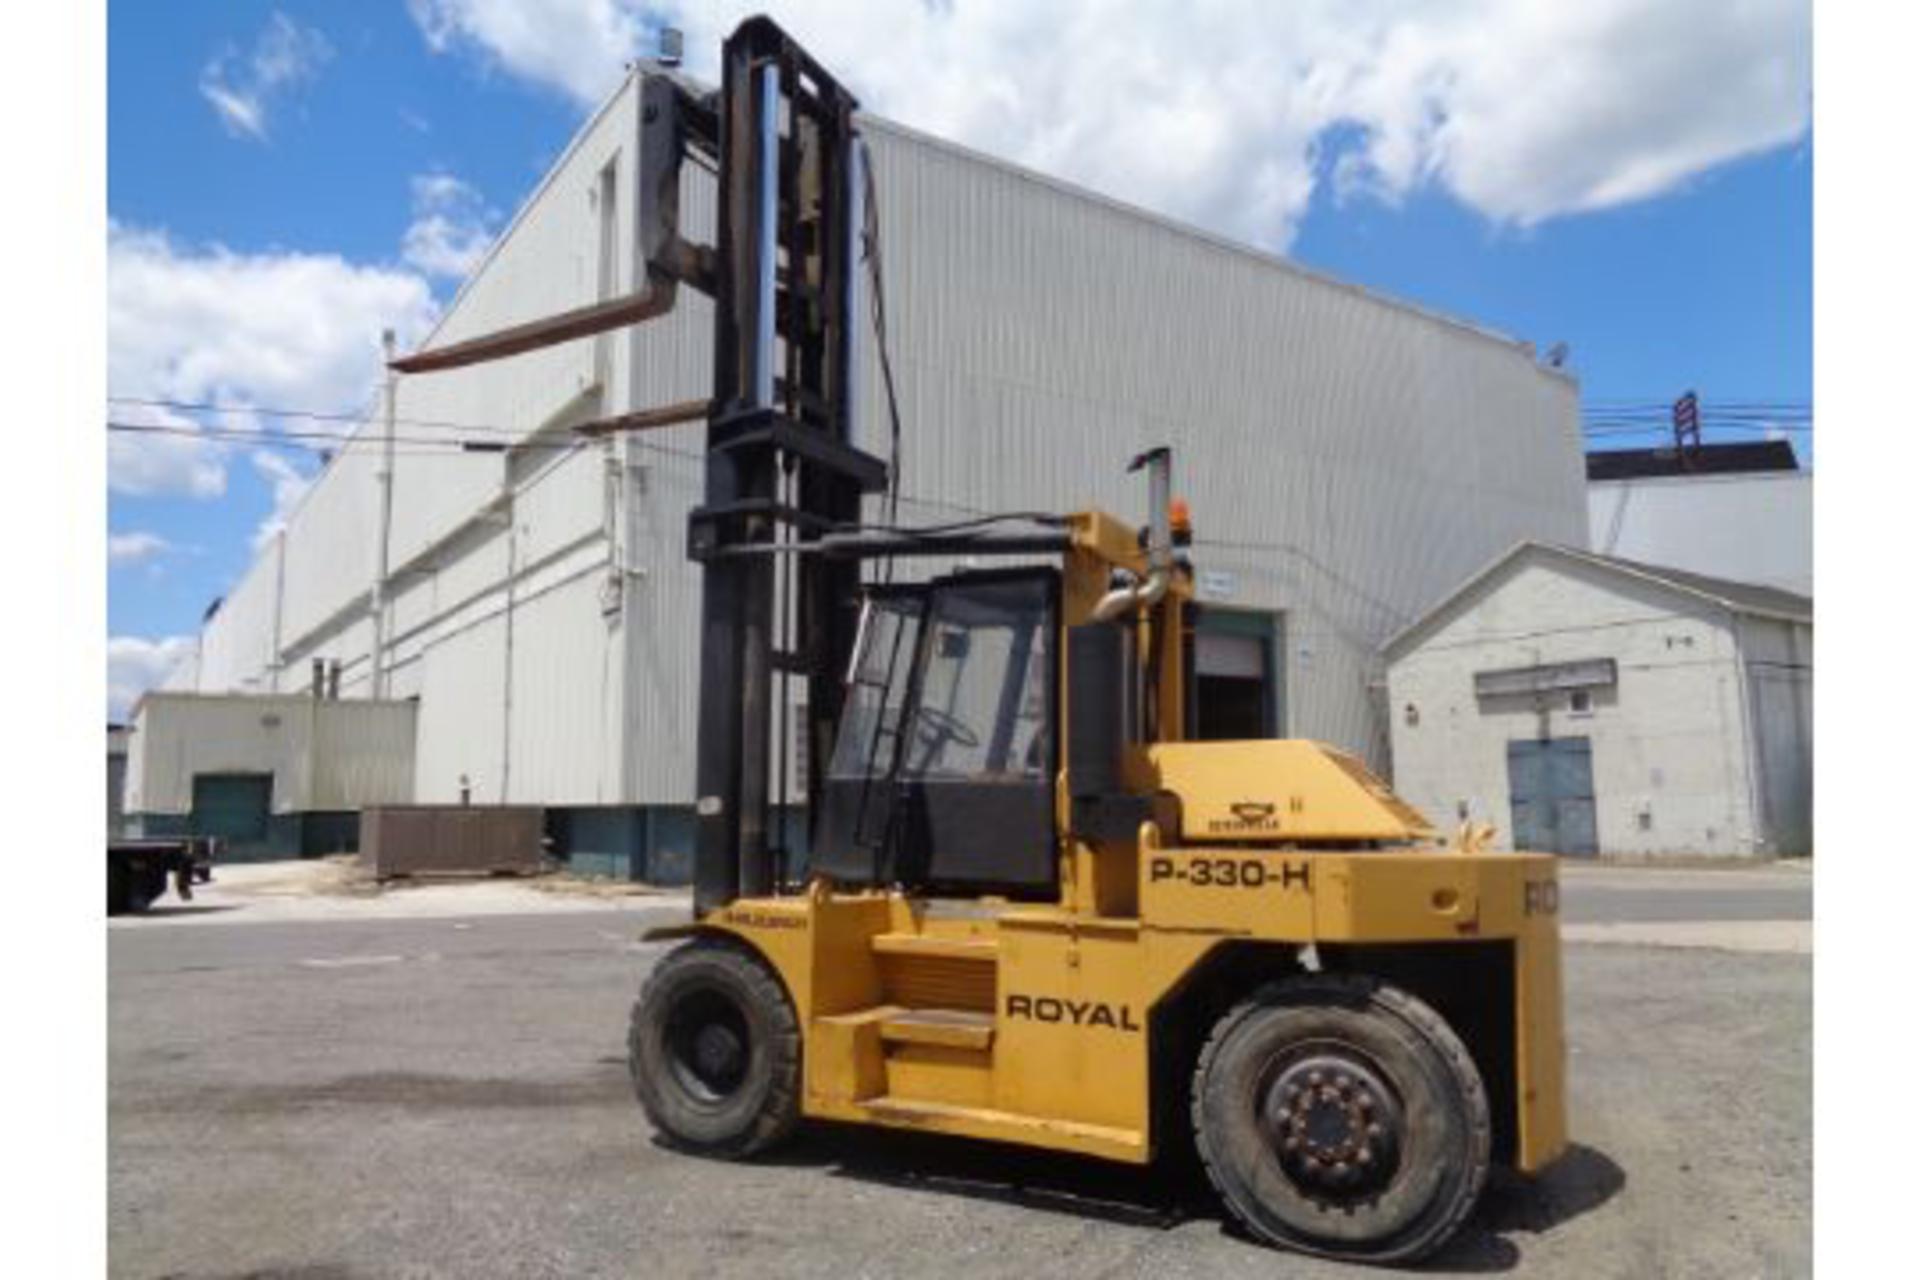 1998 Royal P330H 36,000lb Forklift - Image 15 of 19